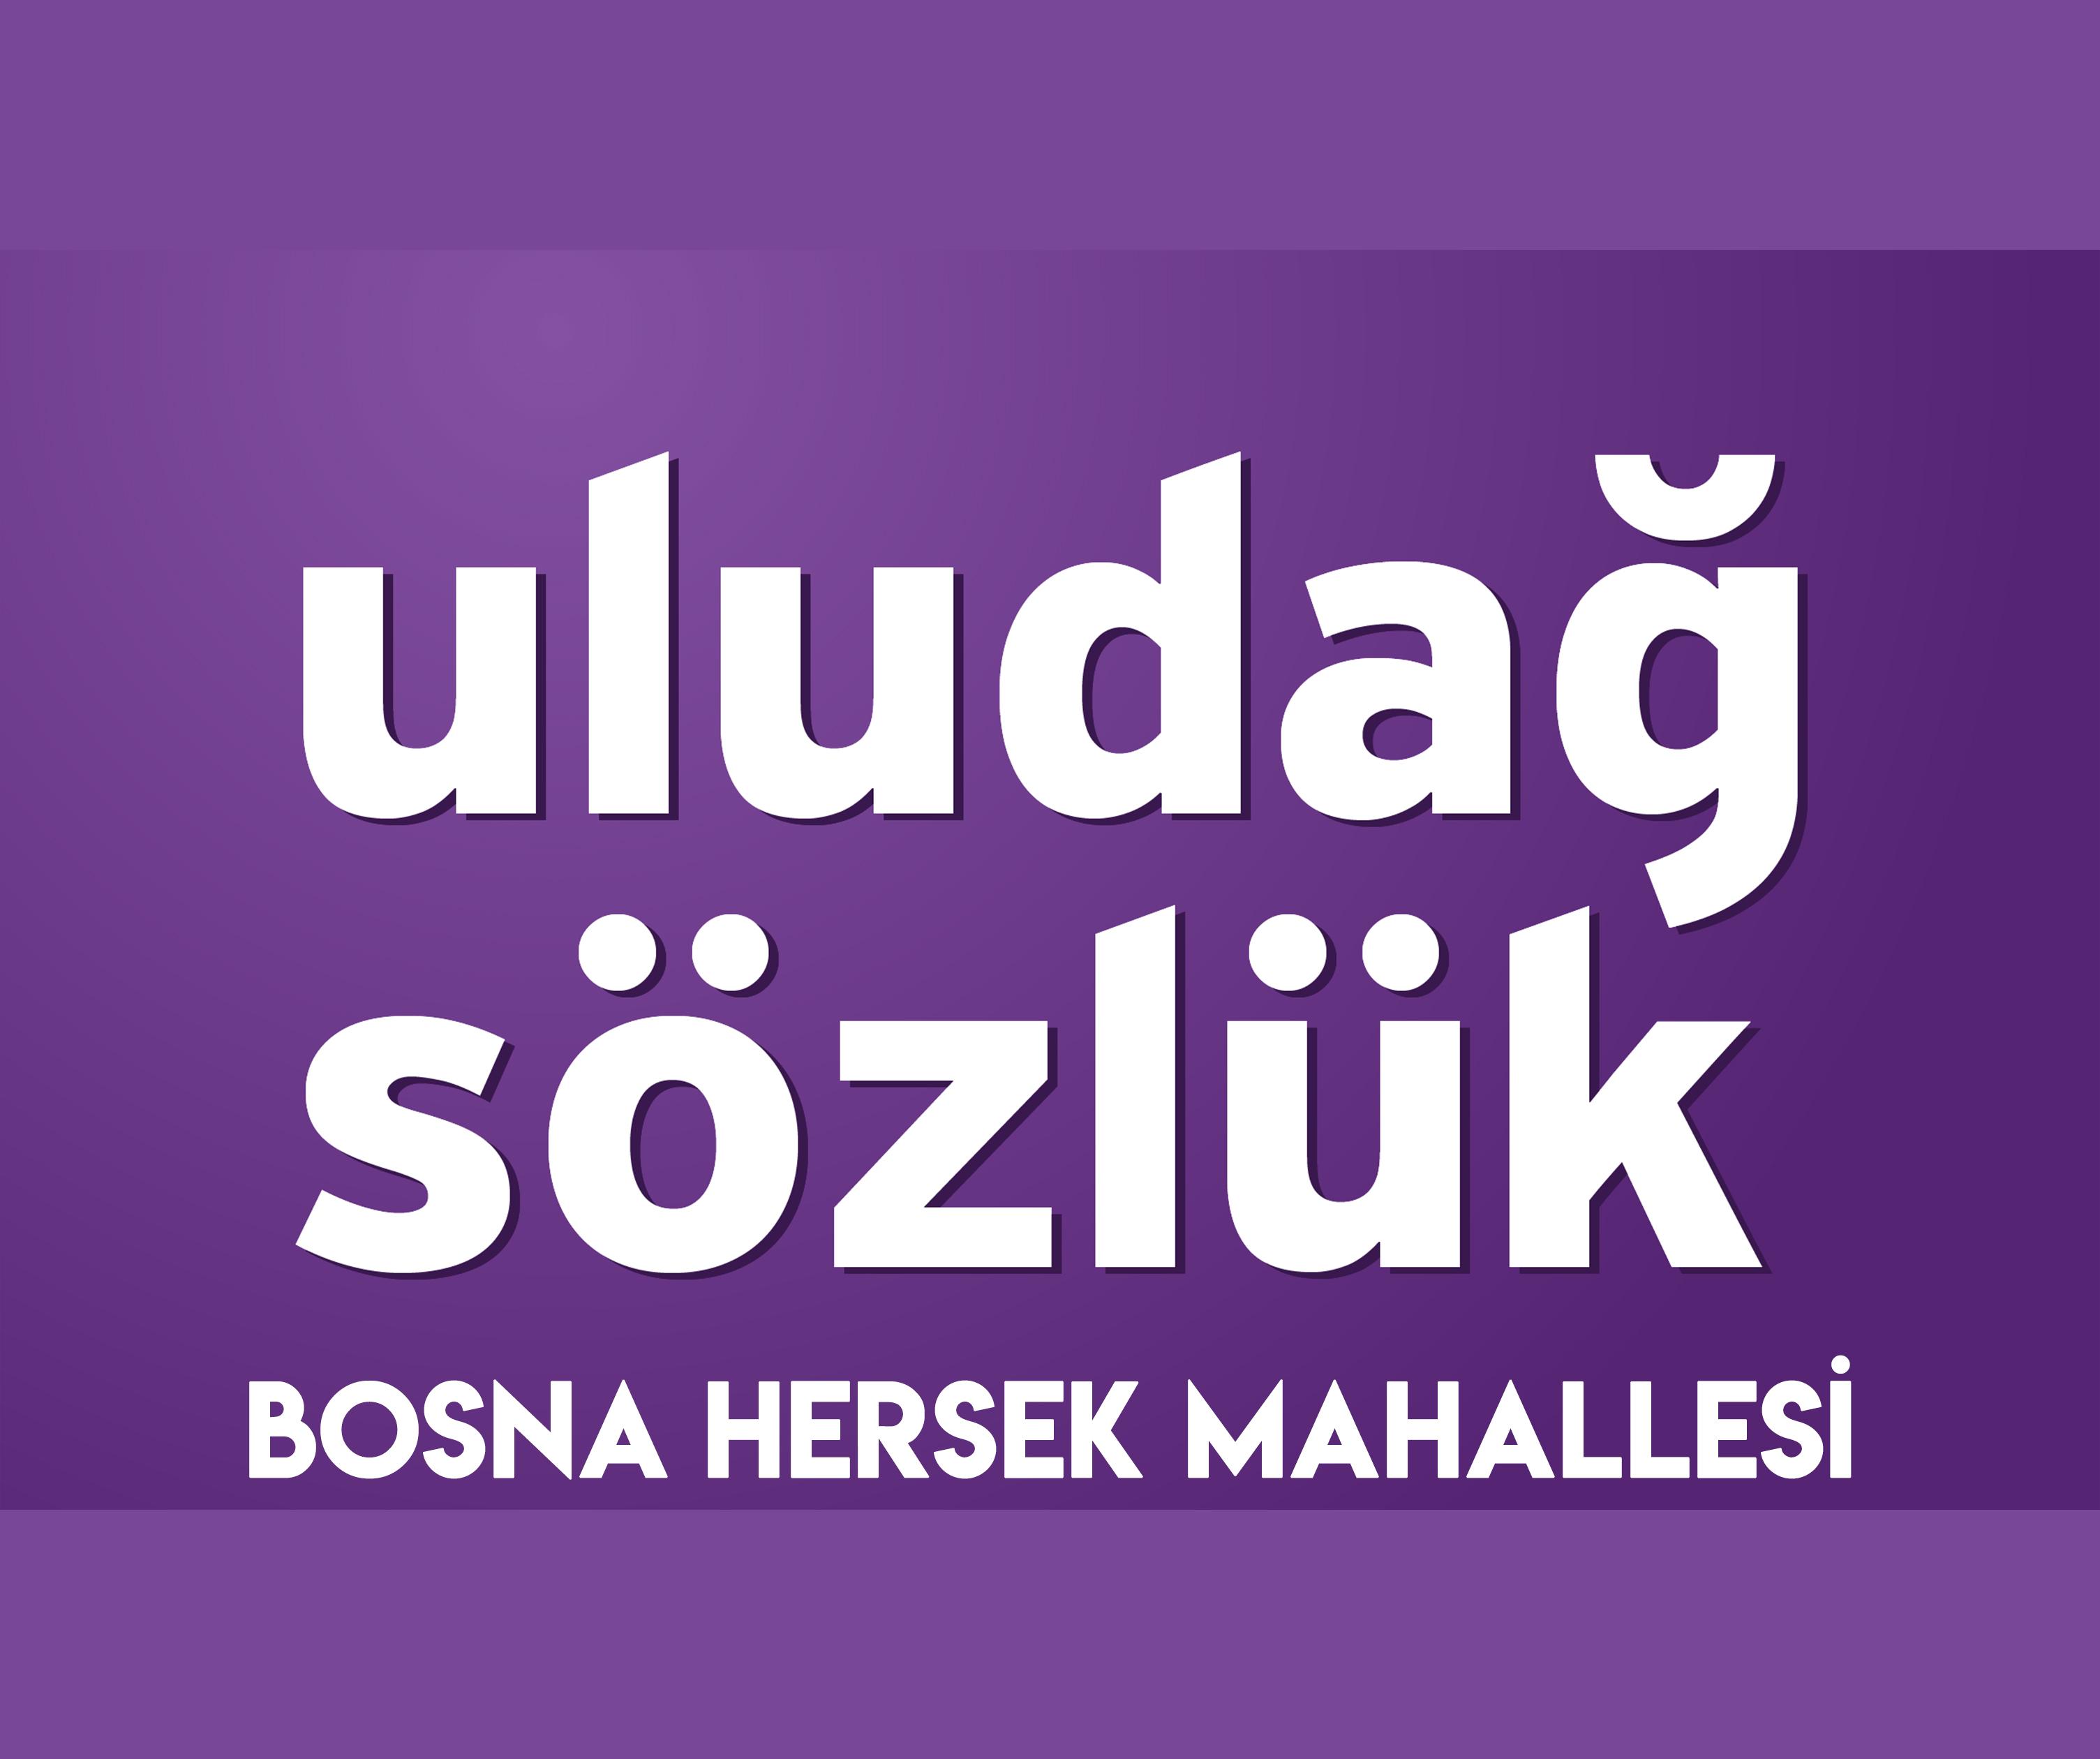 Bosna Hersek Mahallesi Uludağ Sözlükte